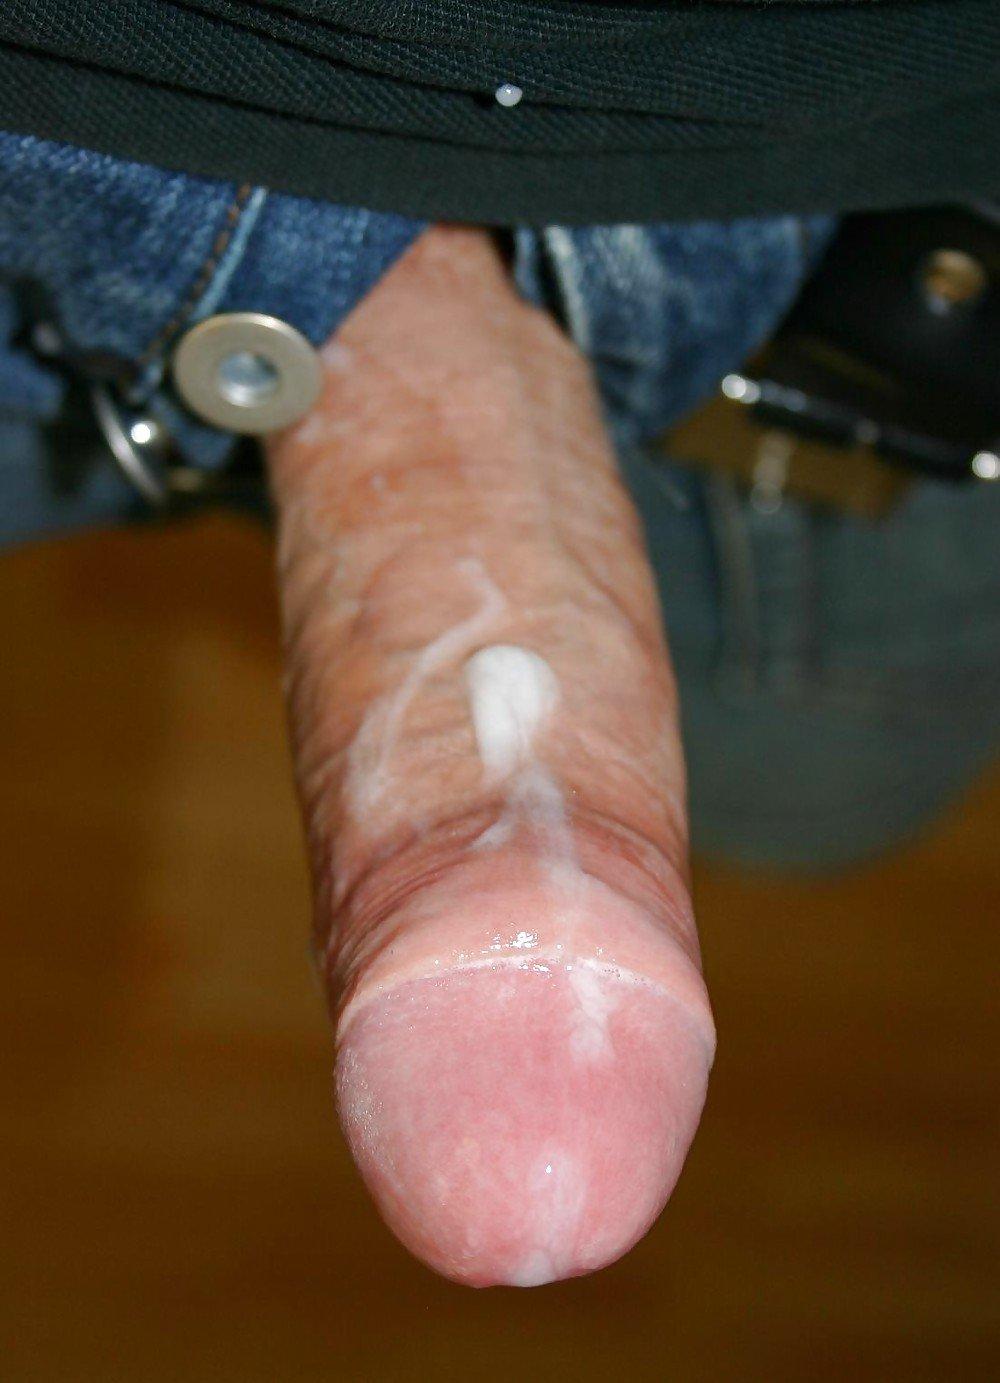 Фото кончающего пениса 13 фотография